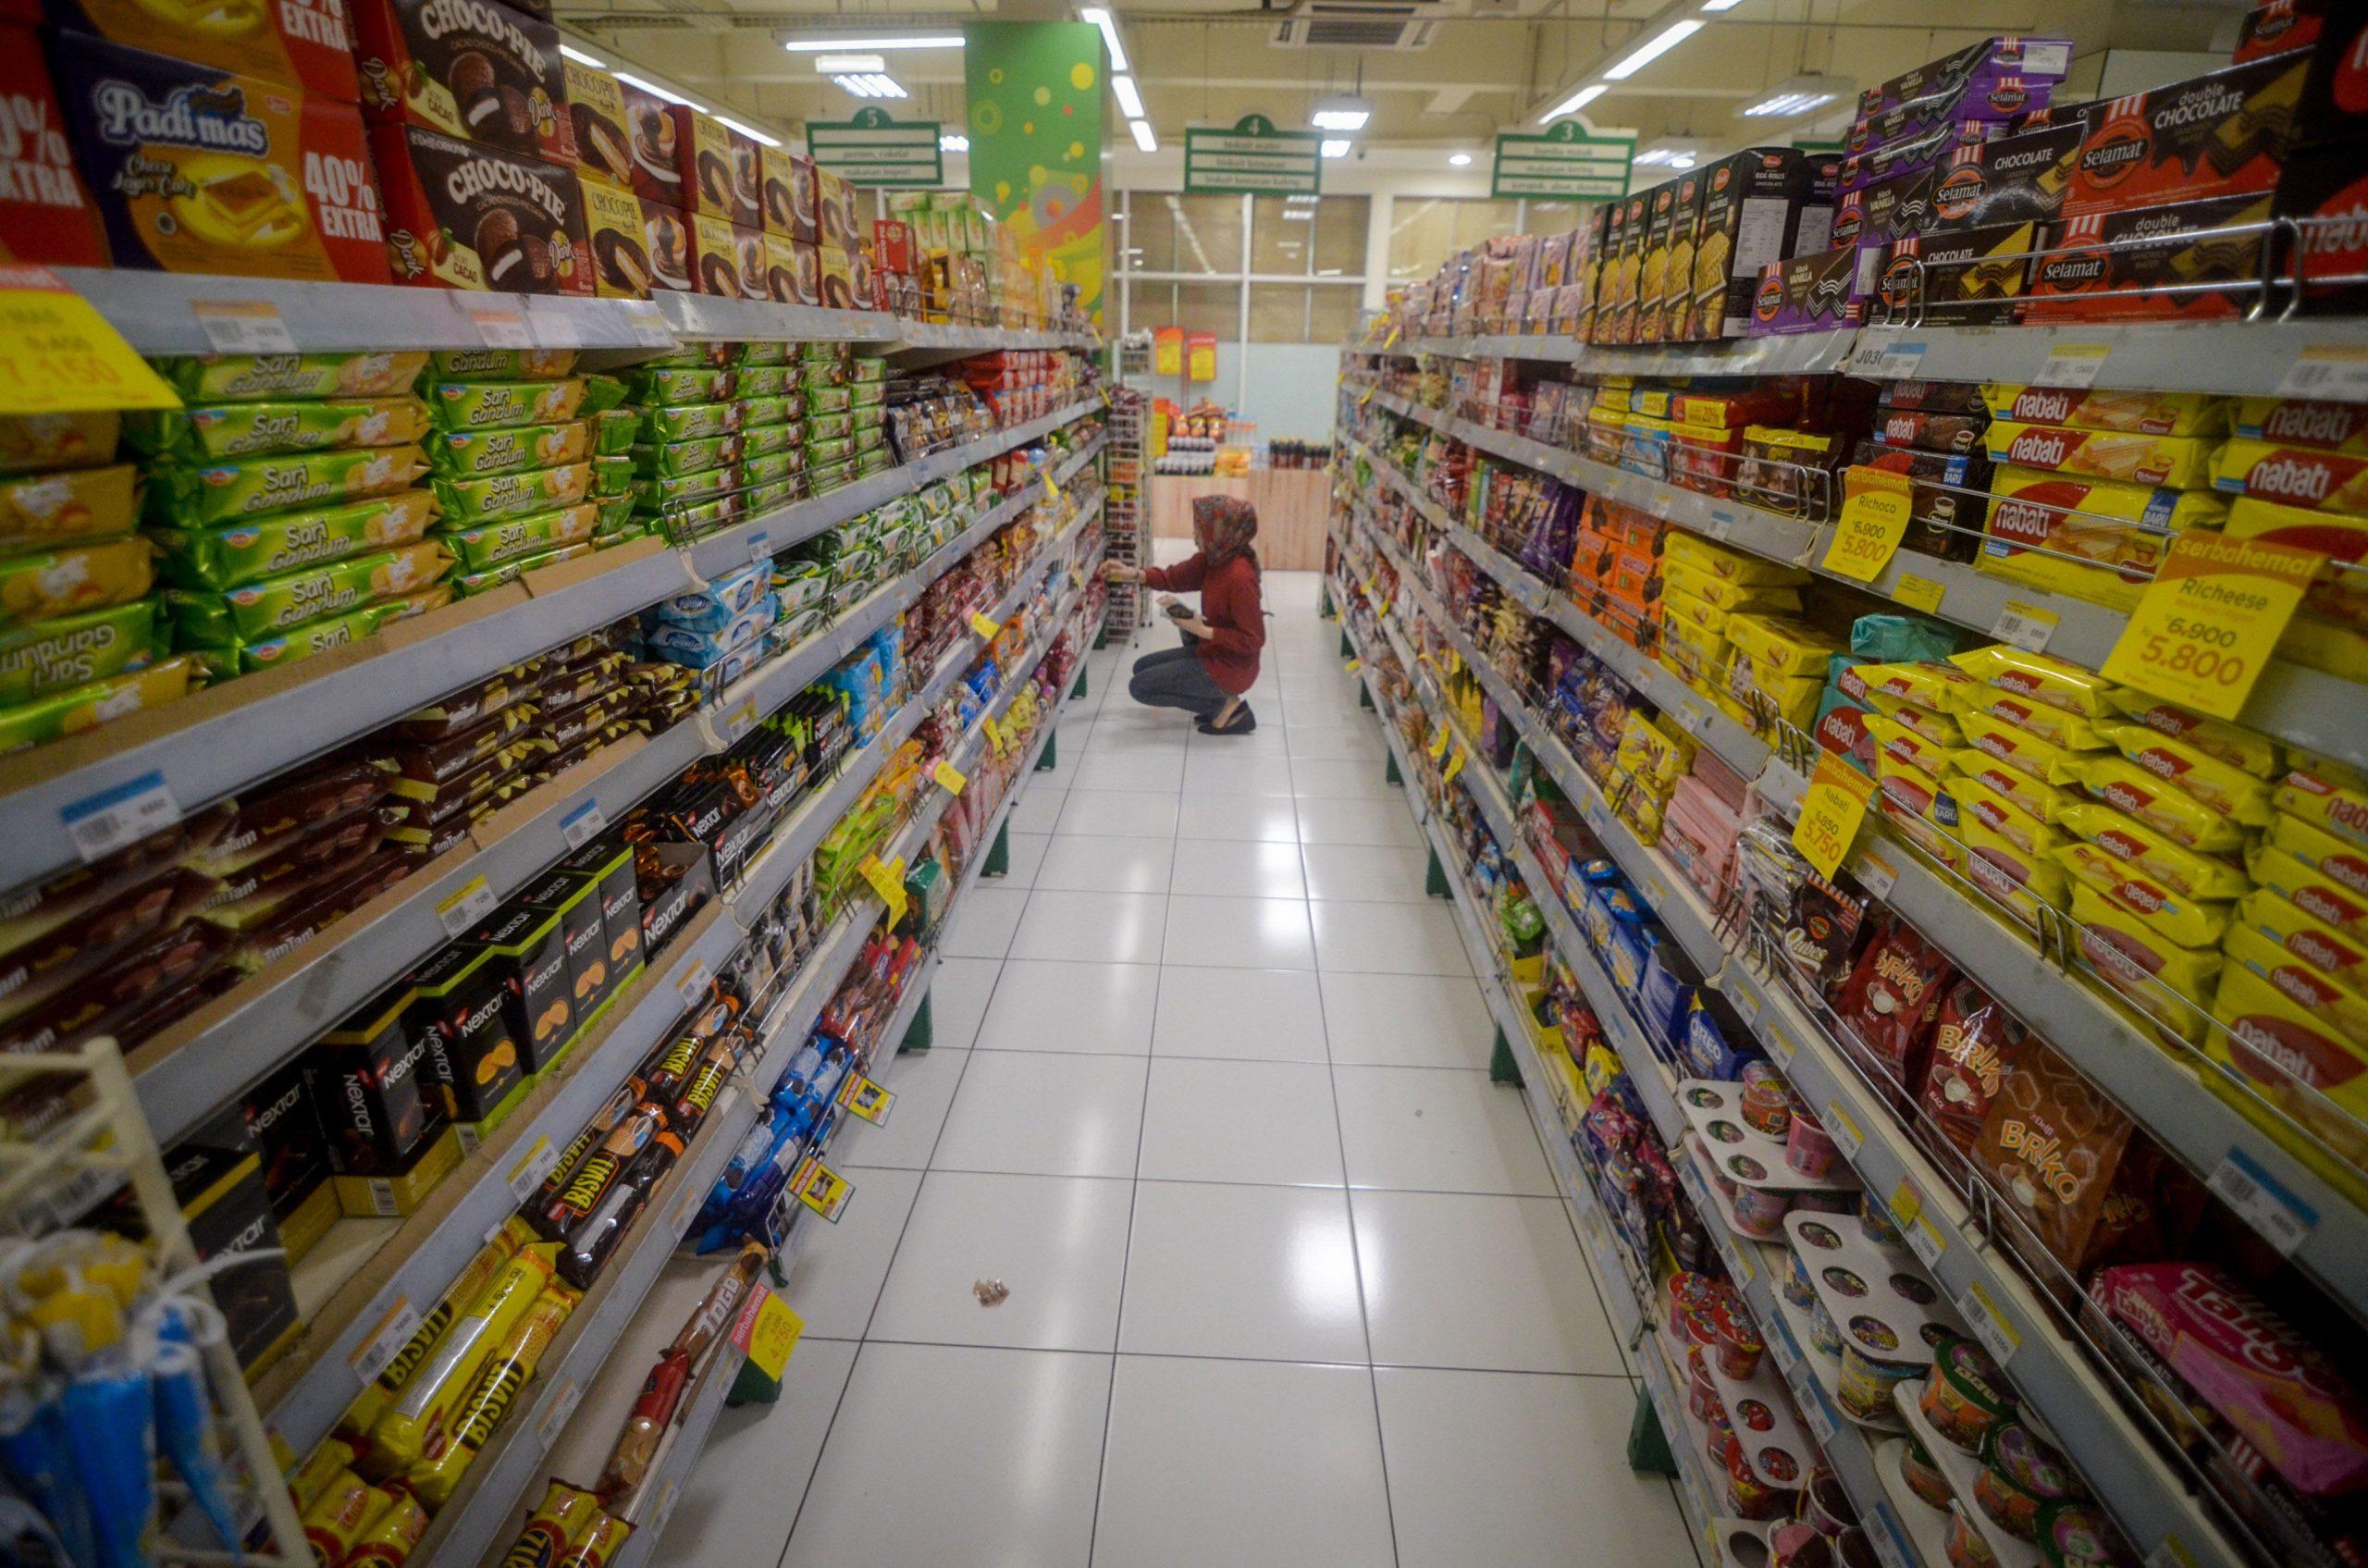 Pemerintah Jamin Stok dan Stabilitas Harga, Agus : Masyarakat Tidak Perlu Panic Buying